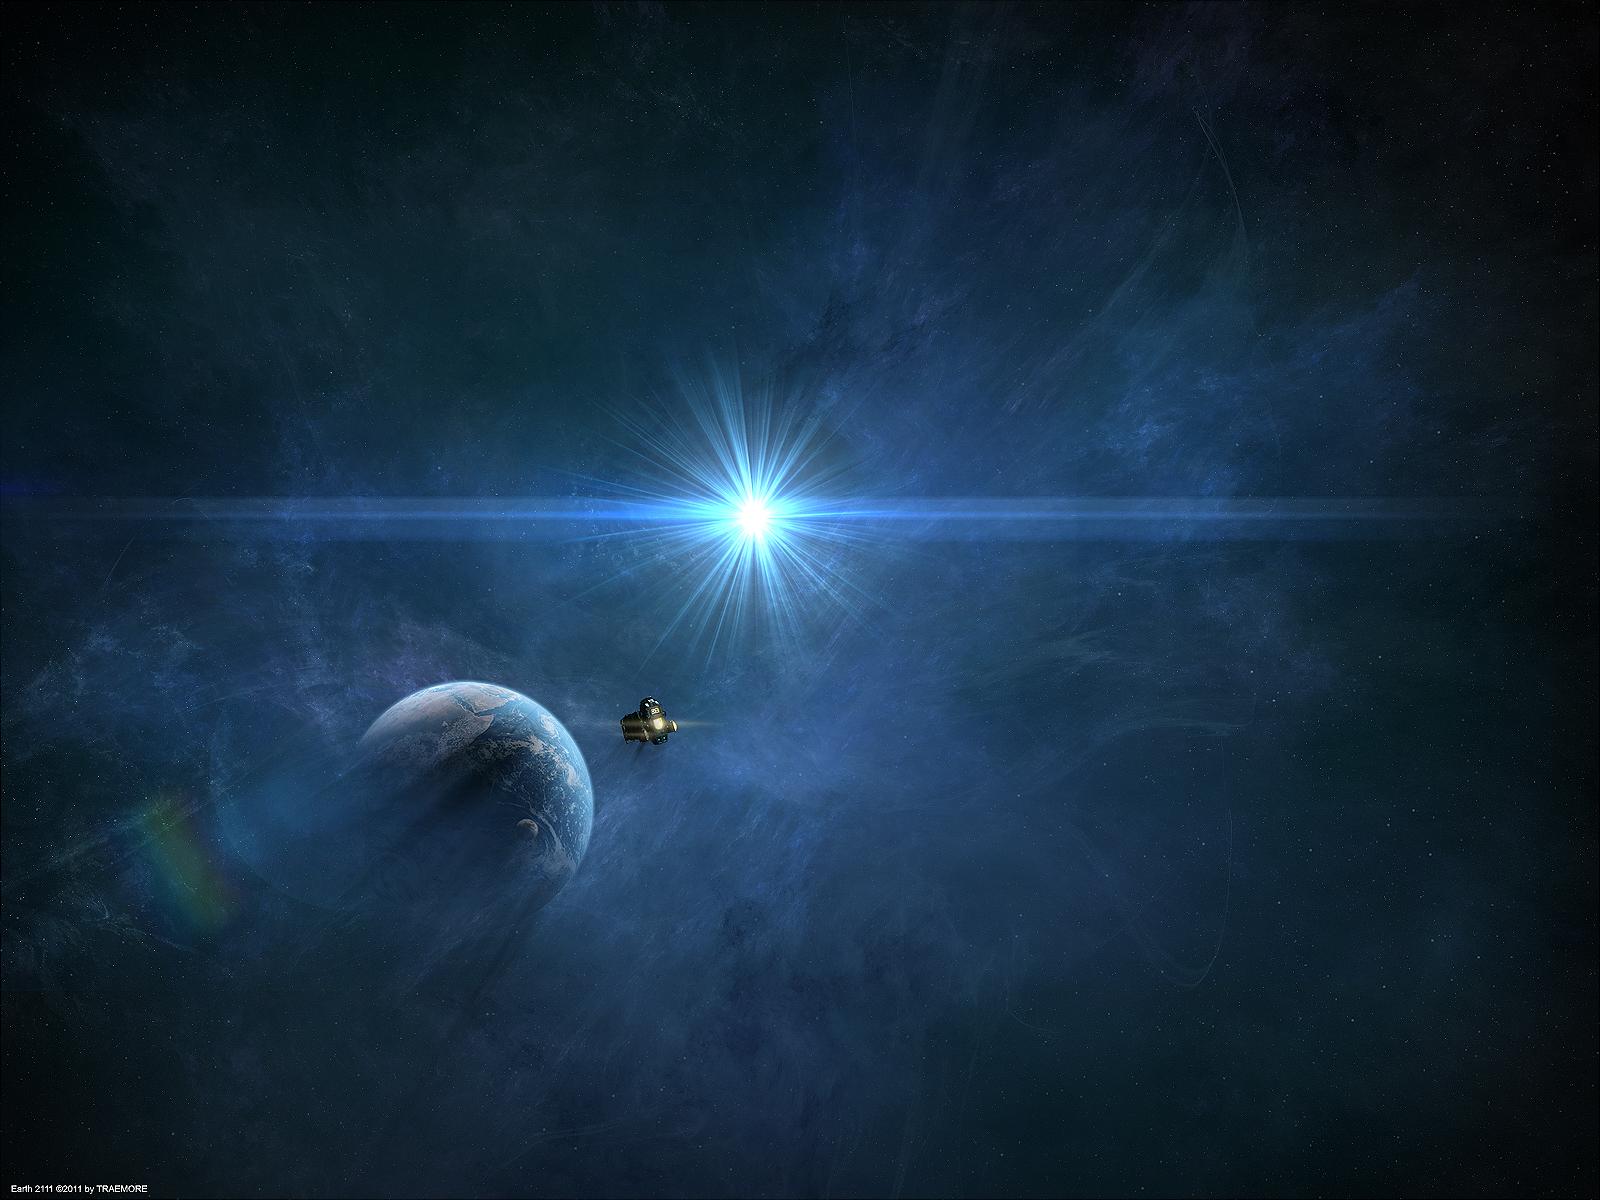 Earth 2111